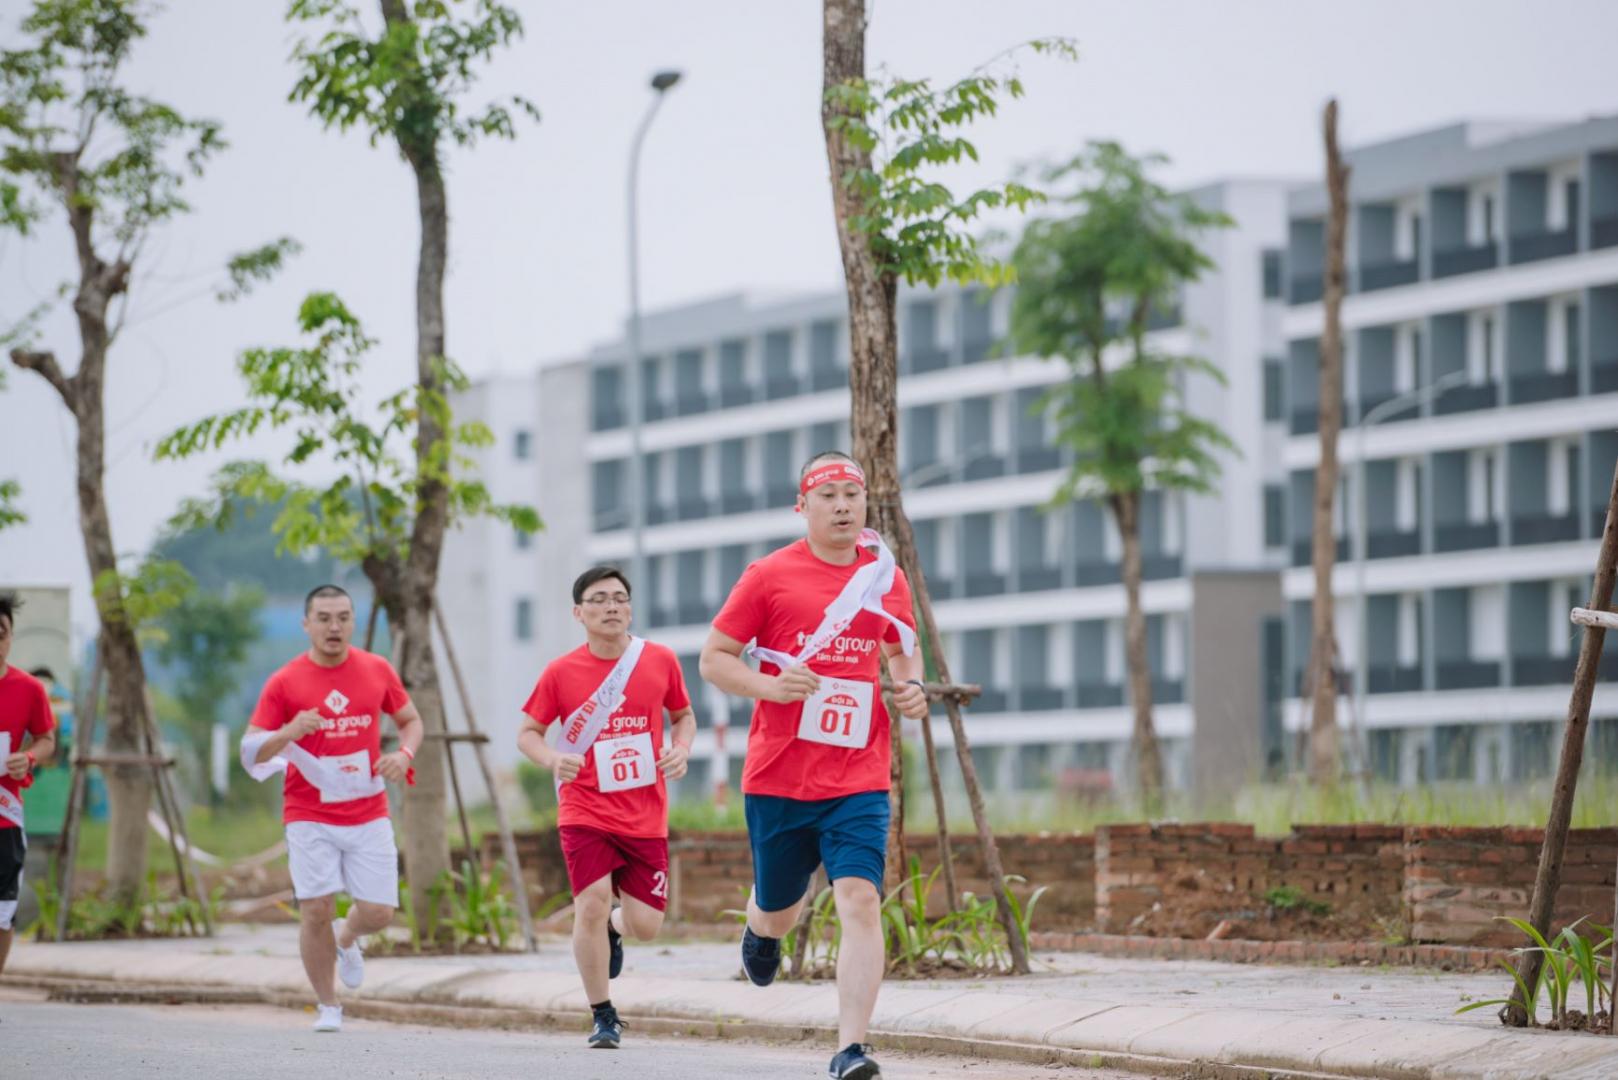 Các vận động viên thi đấu với tinh thần hào hứng và hăng say